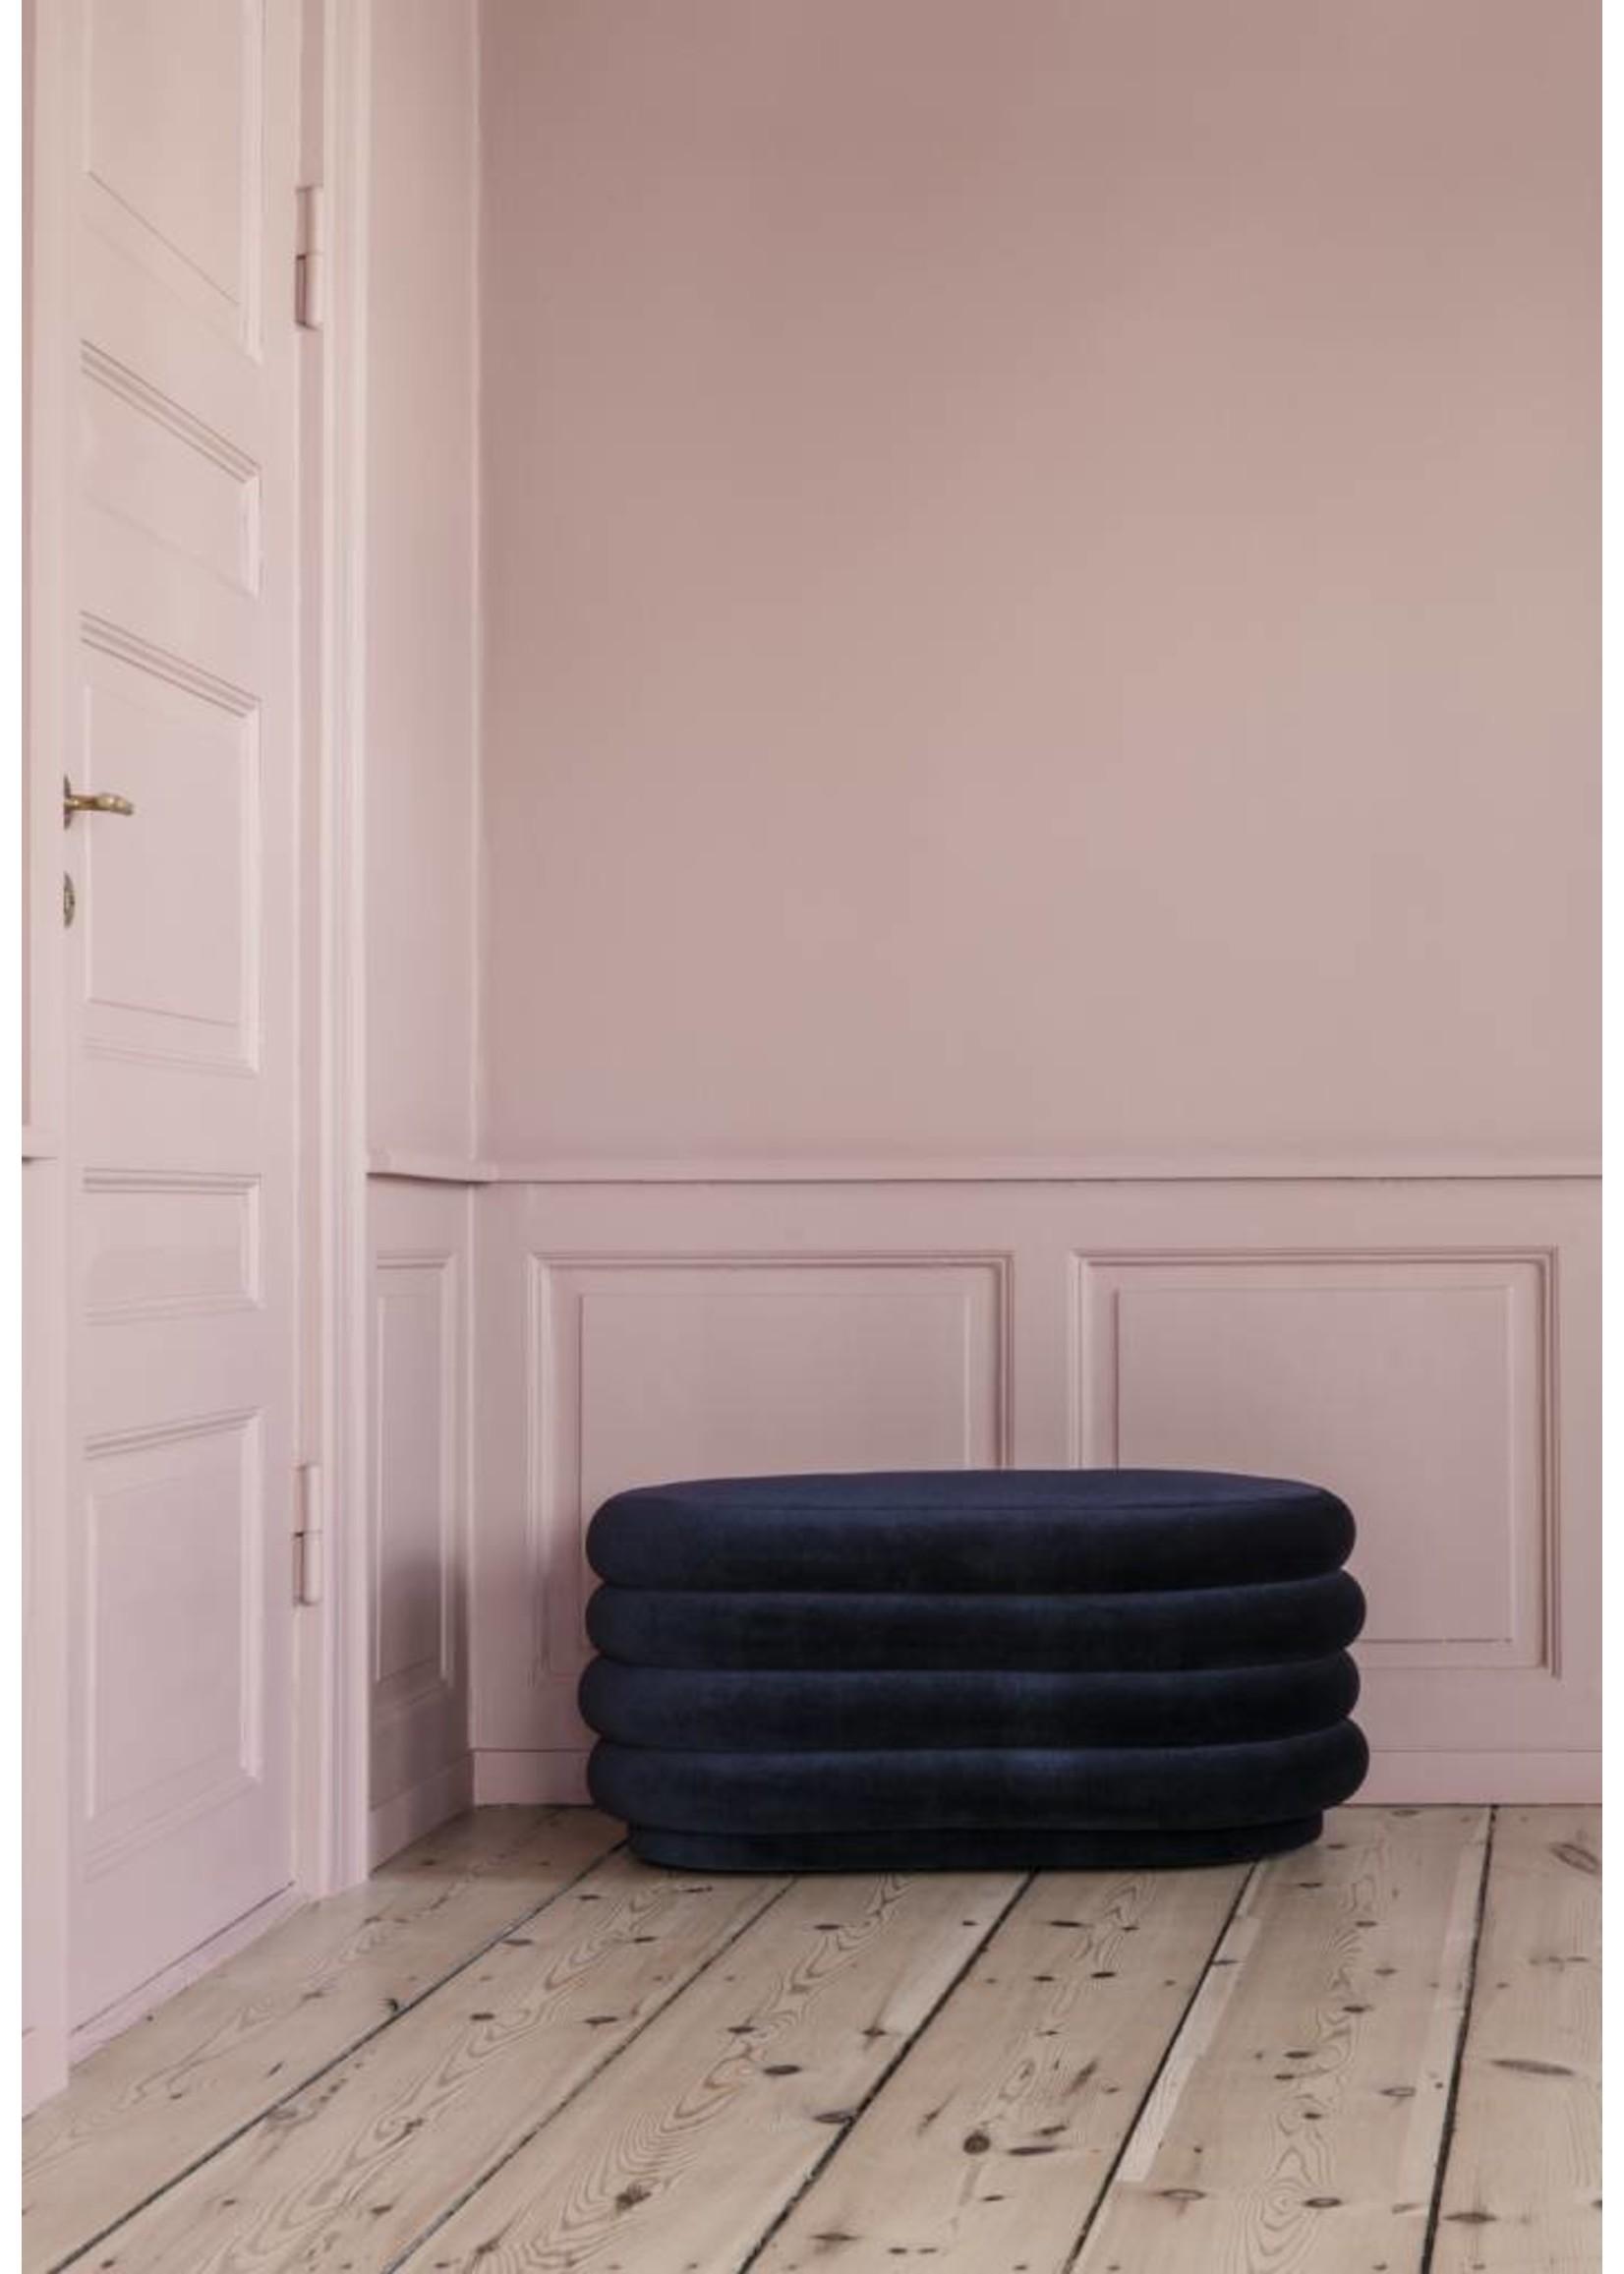 ferm LIVING Ferm Living Pouf Oval - High Pile Velvet